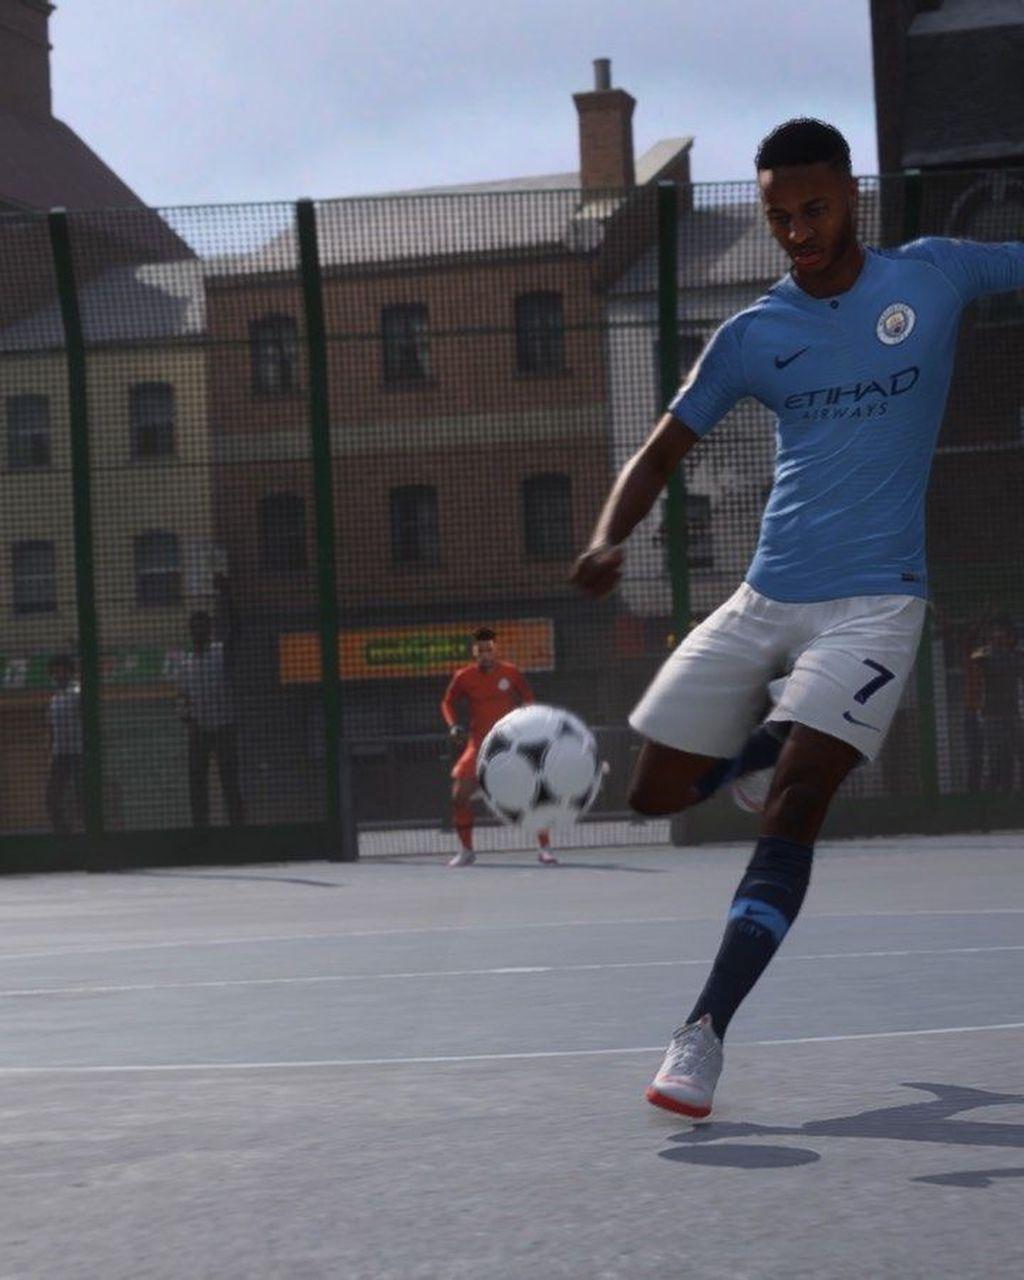 EA Sports resmi merilis trailer perdana dari FIFA 20, sekaligus memperkenalkan sejumlah hal baru di dalam game sepak bola besutannya itu. Foto:Instagram/easportsfifa